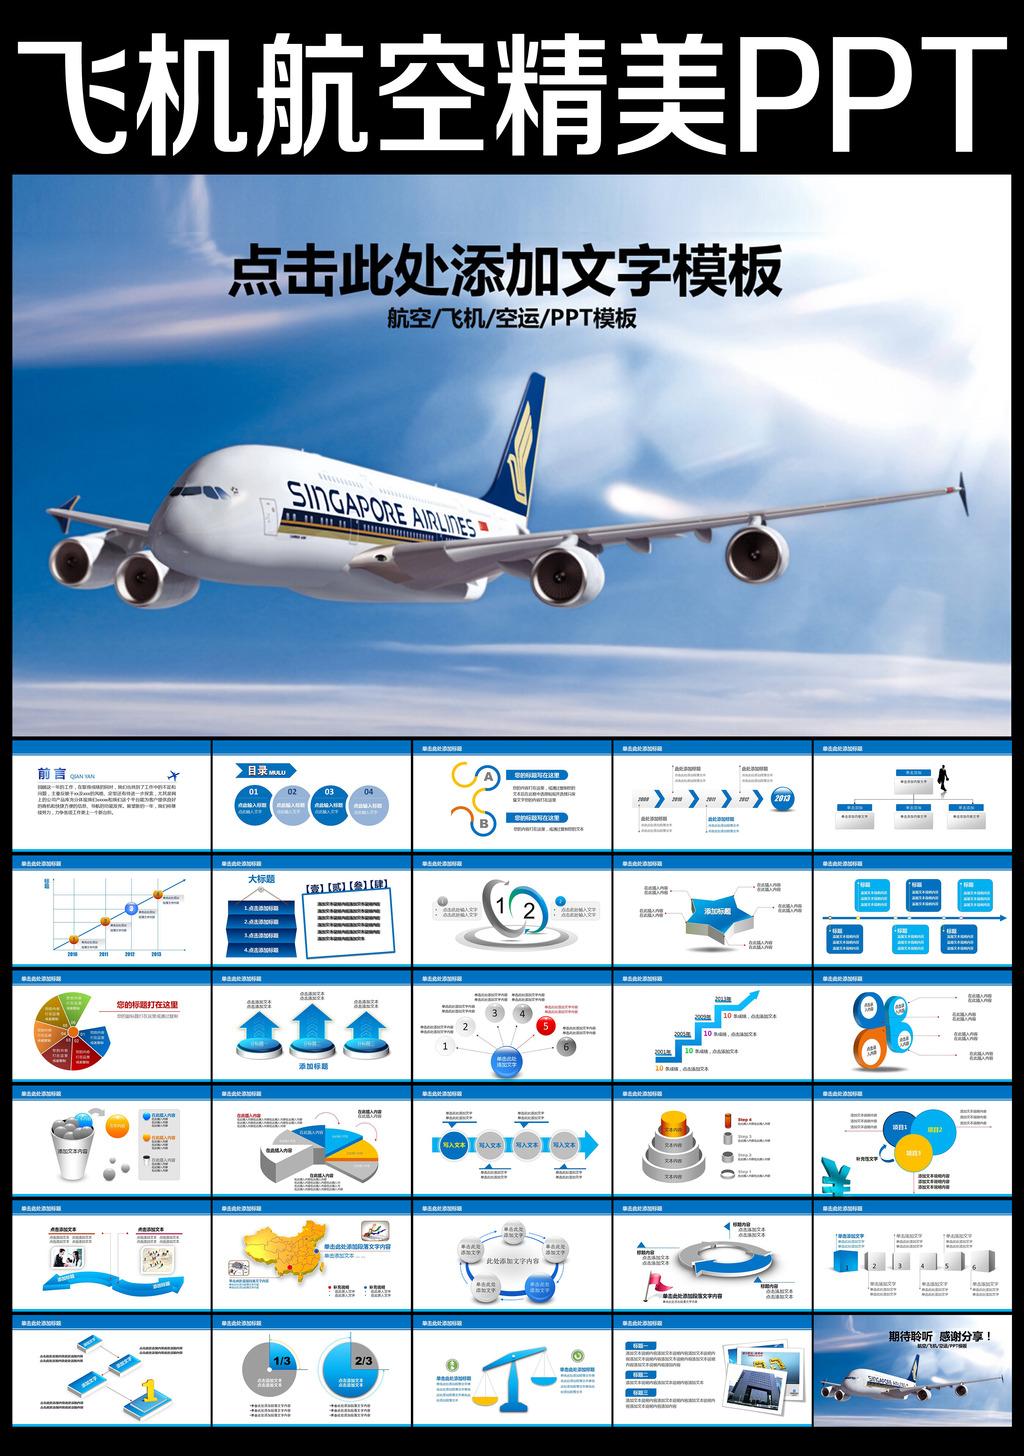 民航飞机图片(5) ppt模板